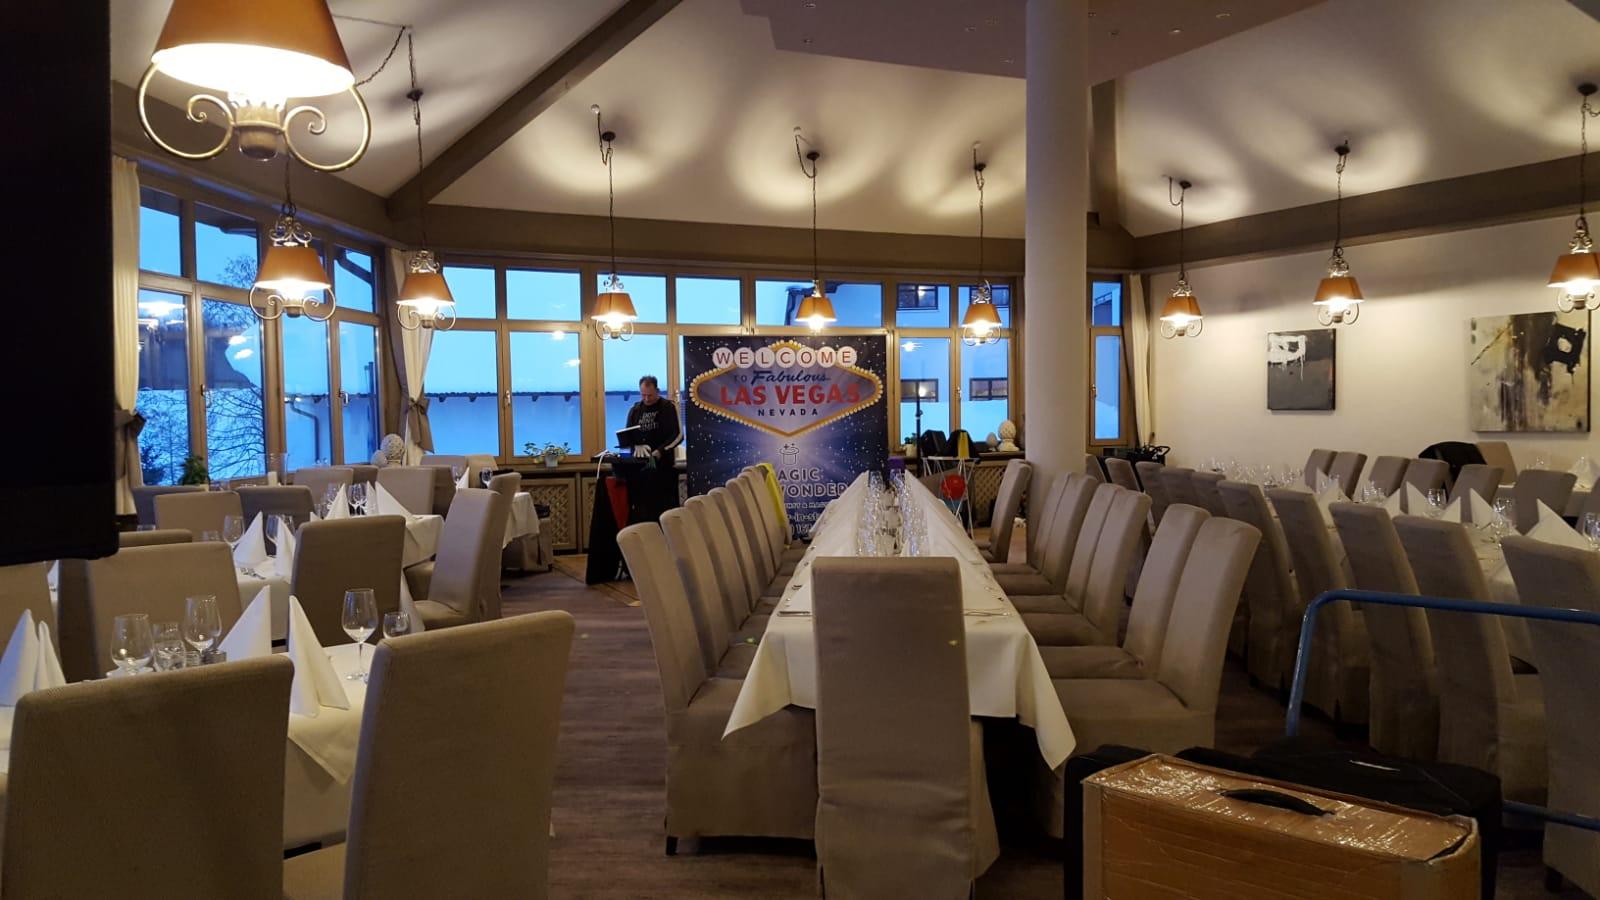 Magic Dinner Show, in Stuttgart buchen, Zauberer für Dinnershow, zaubern zwischen den Gängen in Stuttgart, Magic Dinner Stuttgart, Dinnershow Stuttgart, Zauberer zum Dinner Stuttgart, Zaubershow zum Dinner, Dinnershow Stuttgart, Zauberei Stuttgart